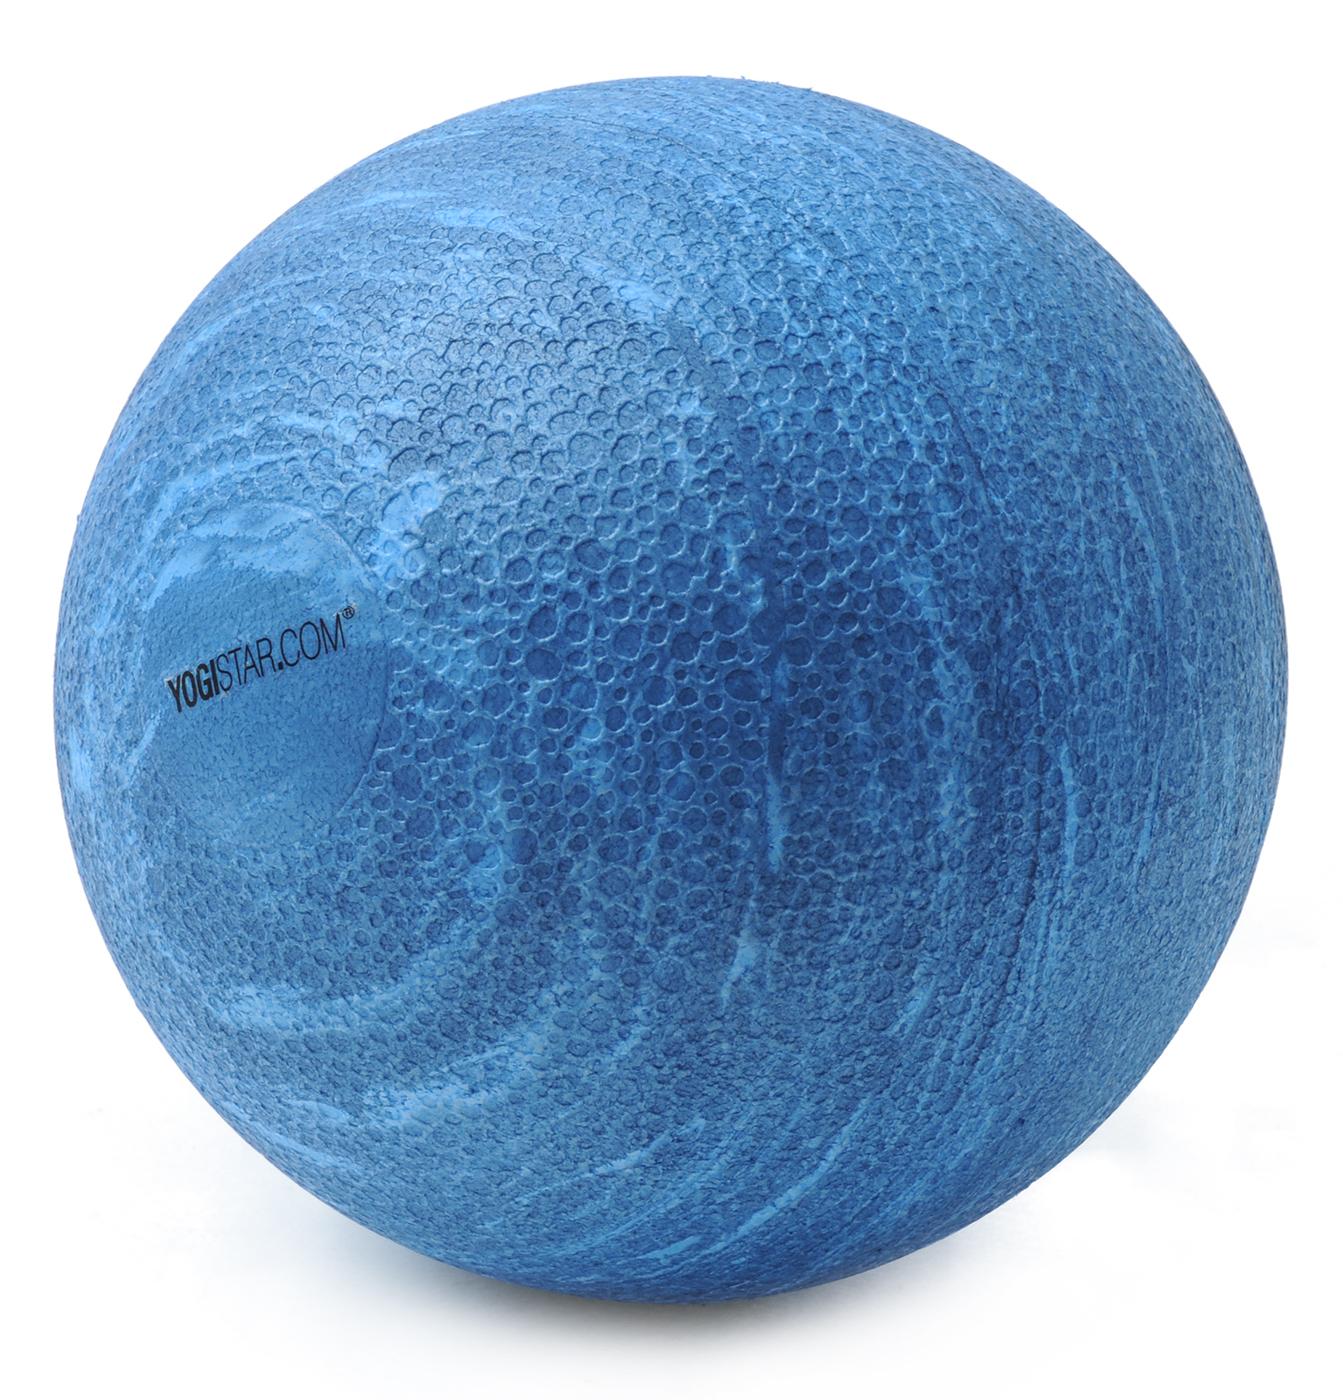 Yoga-Faszien-Ball - marble blue